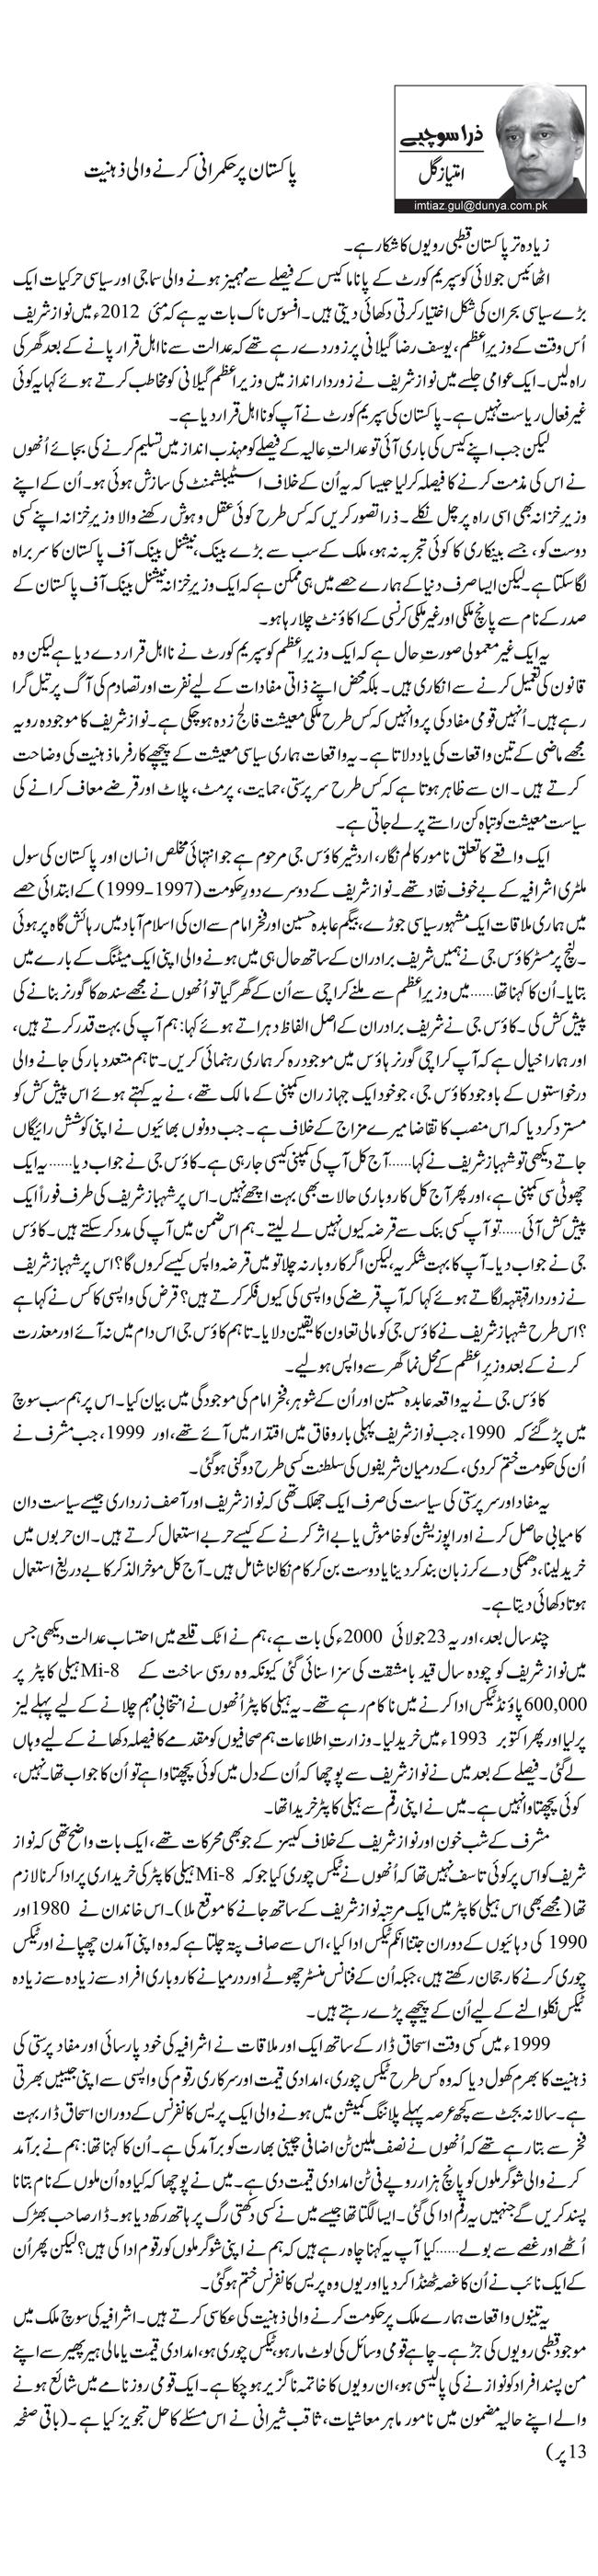 پاکستان پرحکمرانی کرنے والی ذہنیت